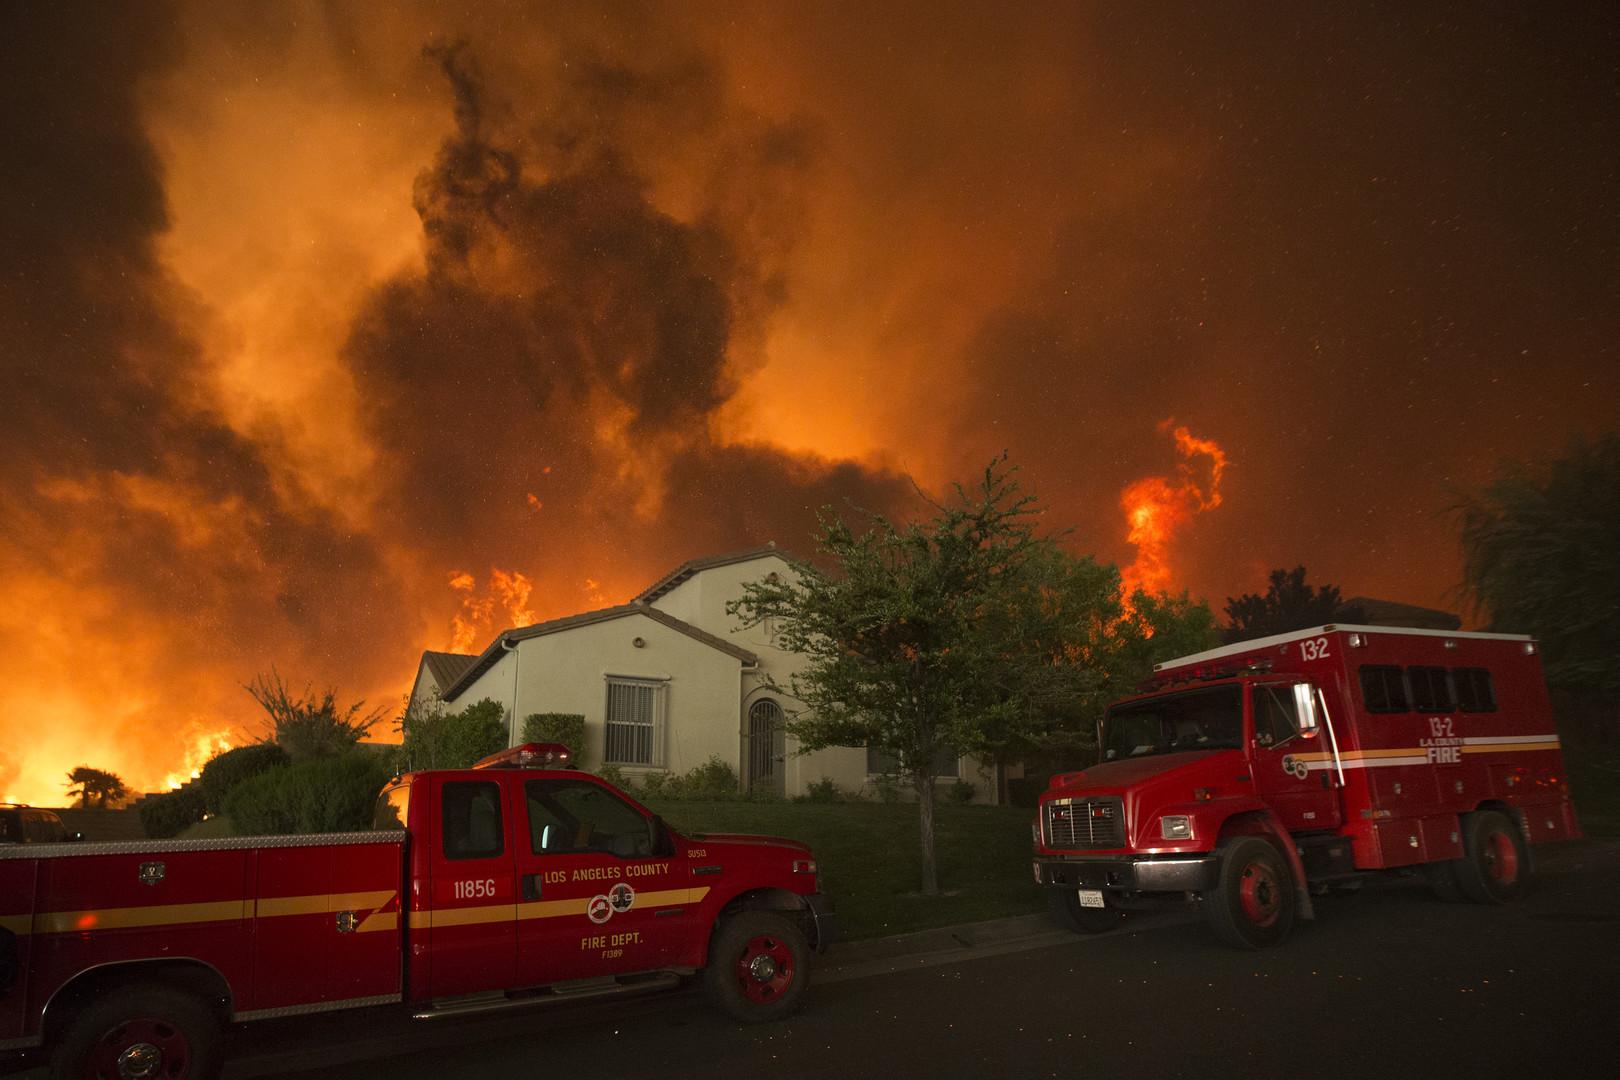 Мощные лесные пожары продолжают бушевать на территории Калифорнии в США.